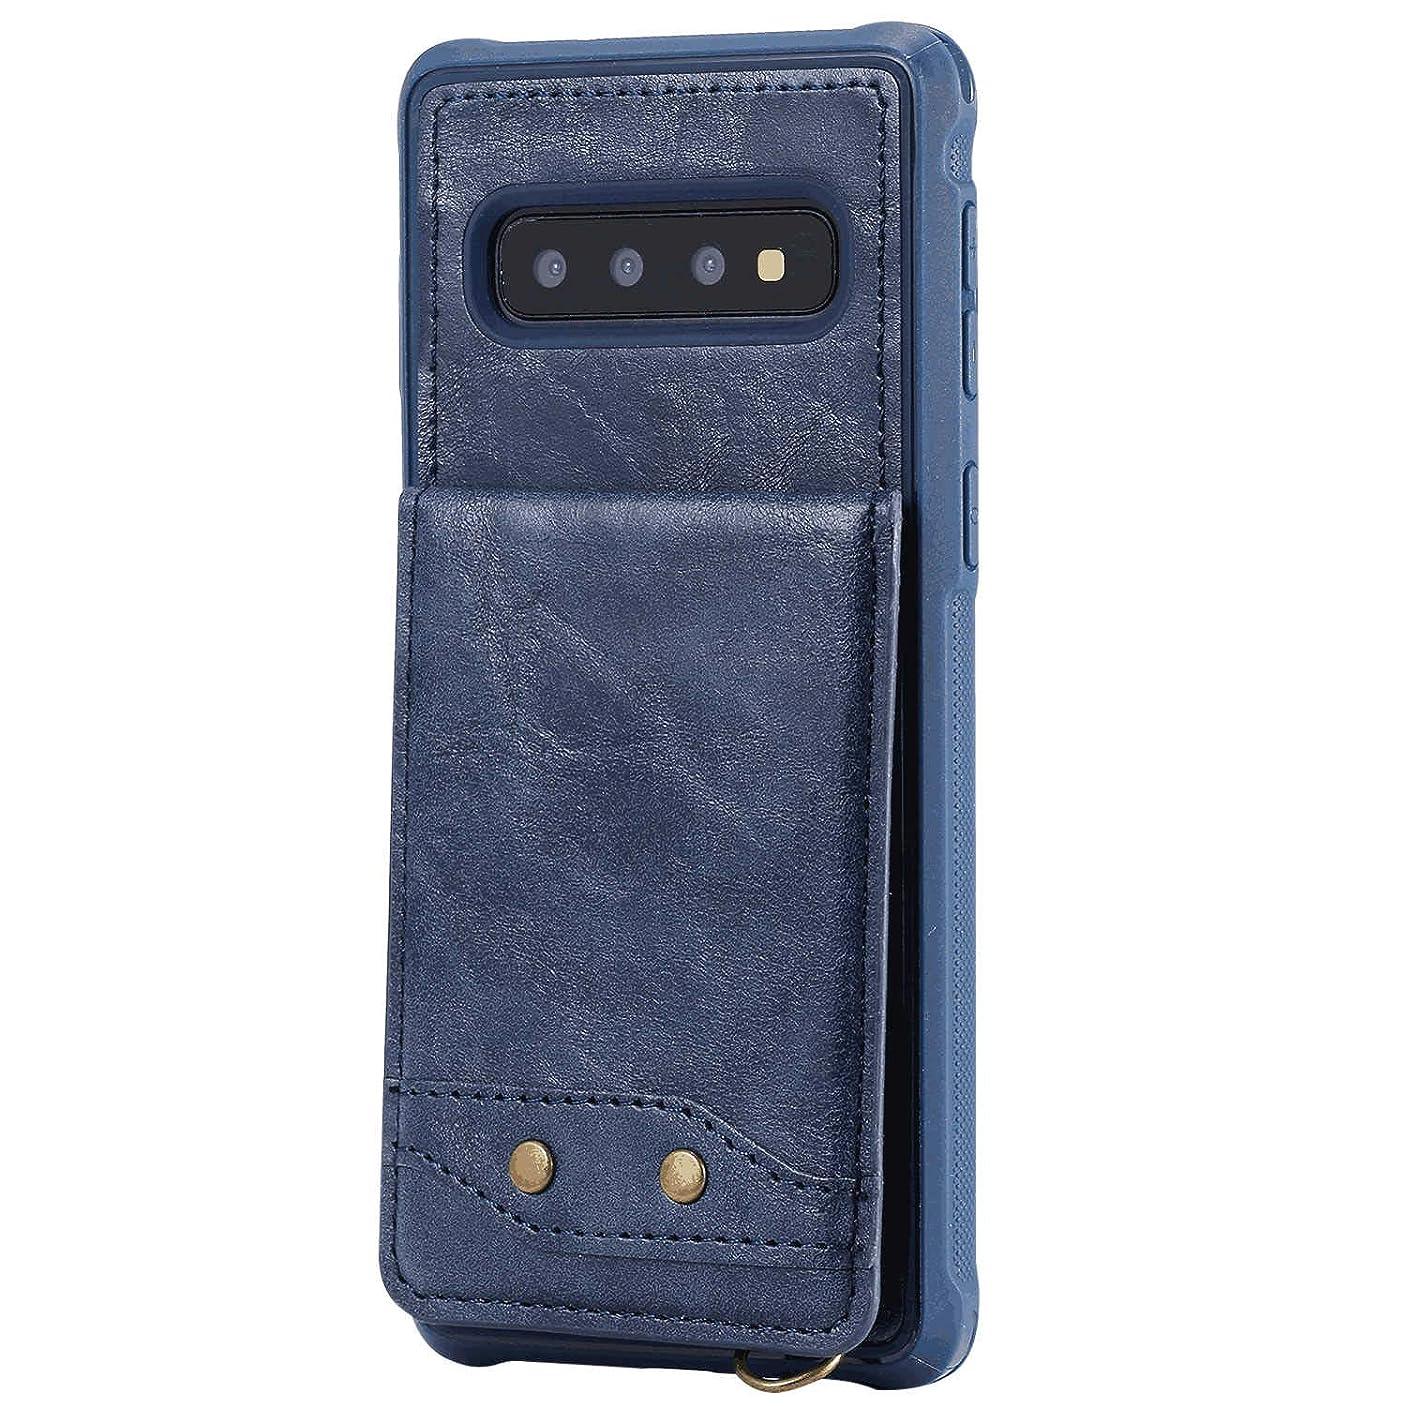 低下指急降下Samsung Galaxy S10 PUレザー ケース, 手帳型 ケース 本革 高級 ビジネス 財布 スマホケース カバー収納 手帳型ケース Samsung Galaxy サムスン ギャラクシー S10 レザーケース